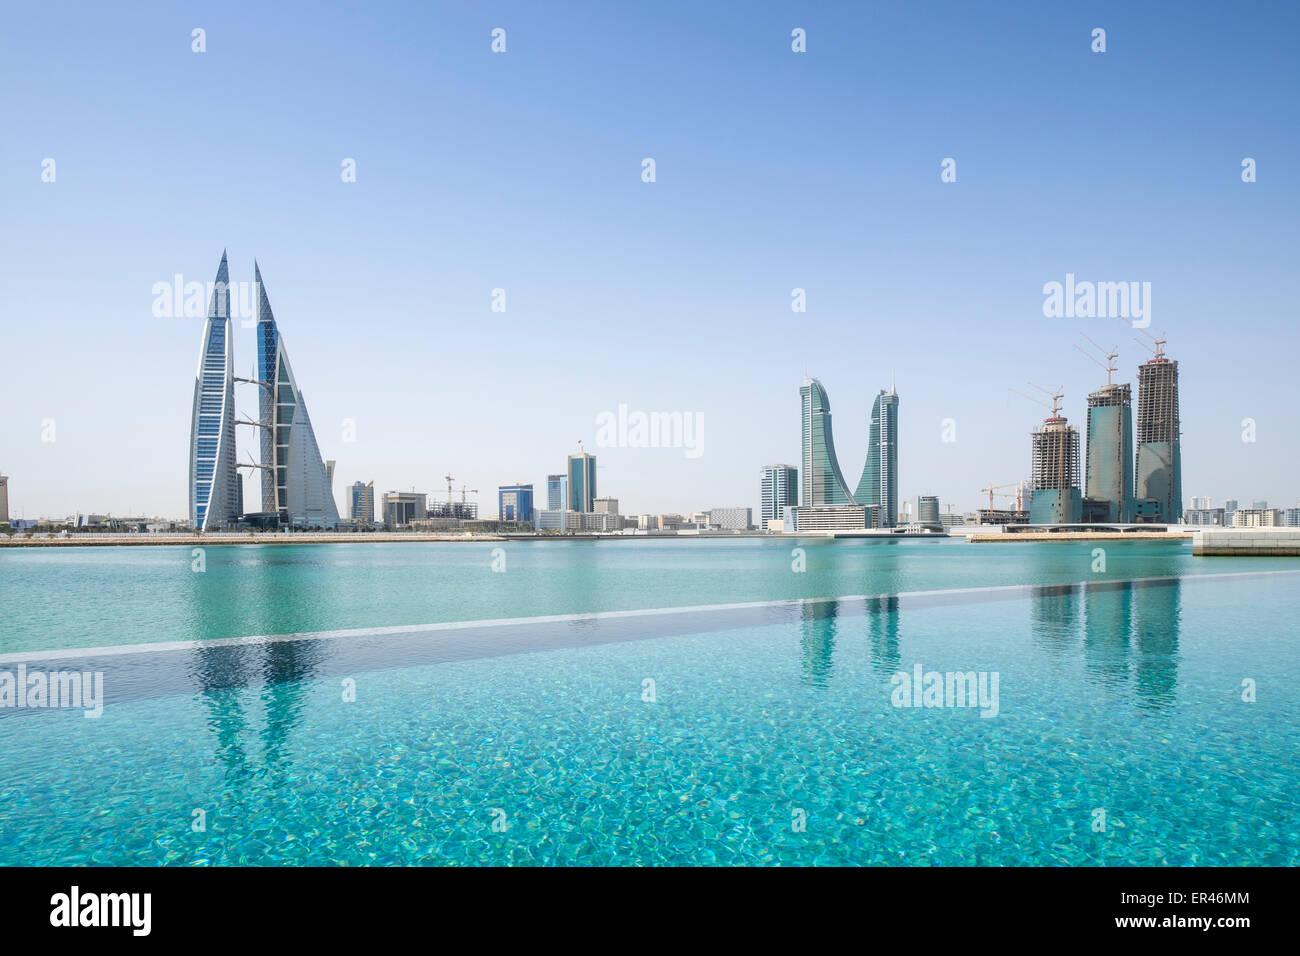 Des toits de la ville de Manama à Bahreïn de nouveau Four Seasons Hotel de luxe Photo Stock